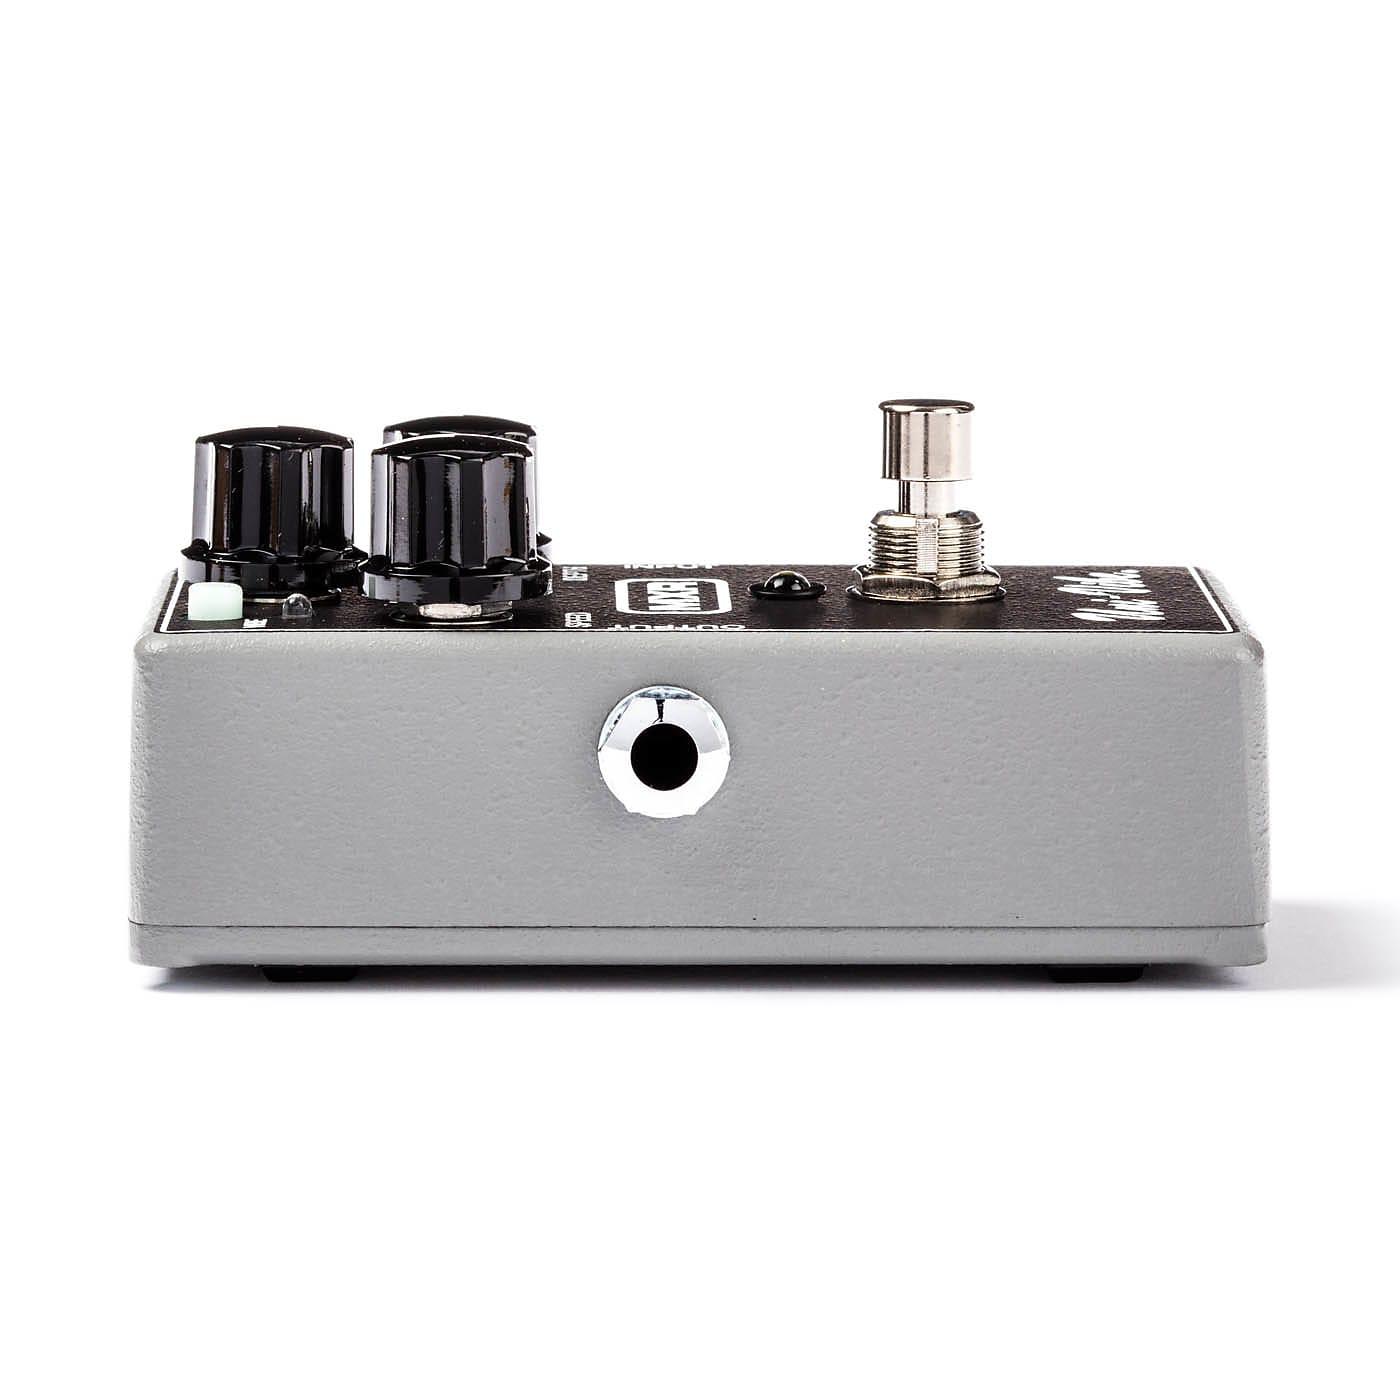 MXR M68 Uni-Vibe Chorus / Vibrato Effects Pedal